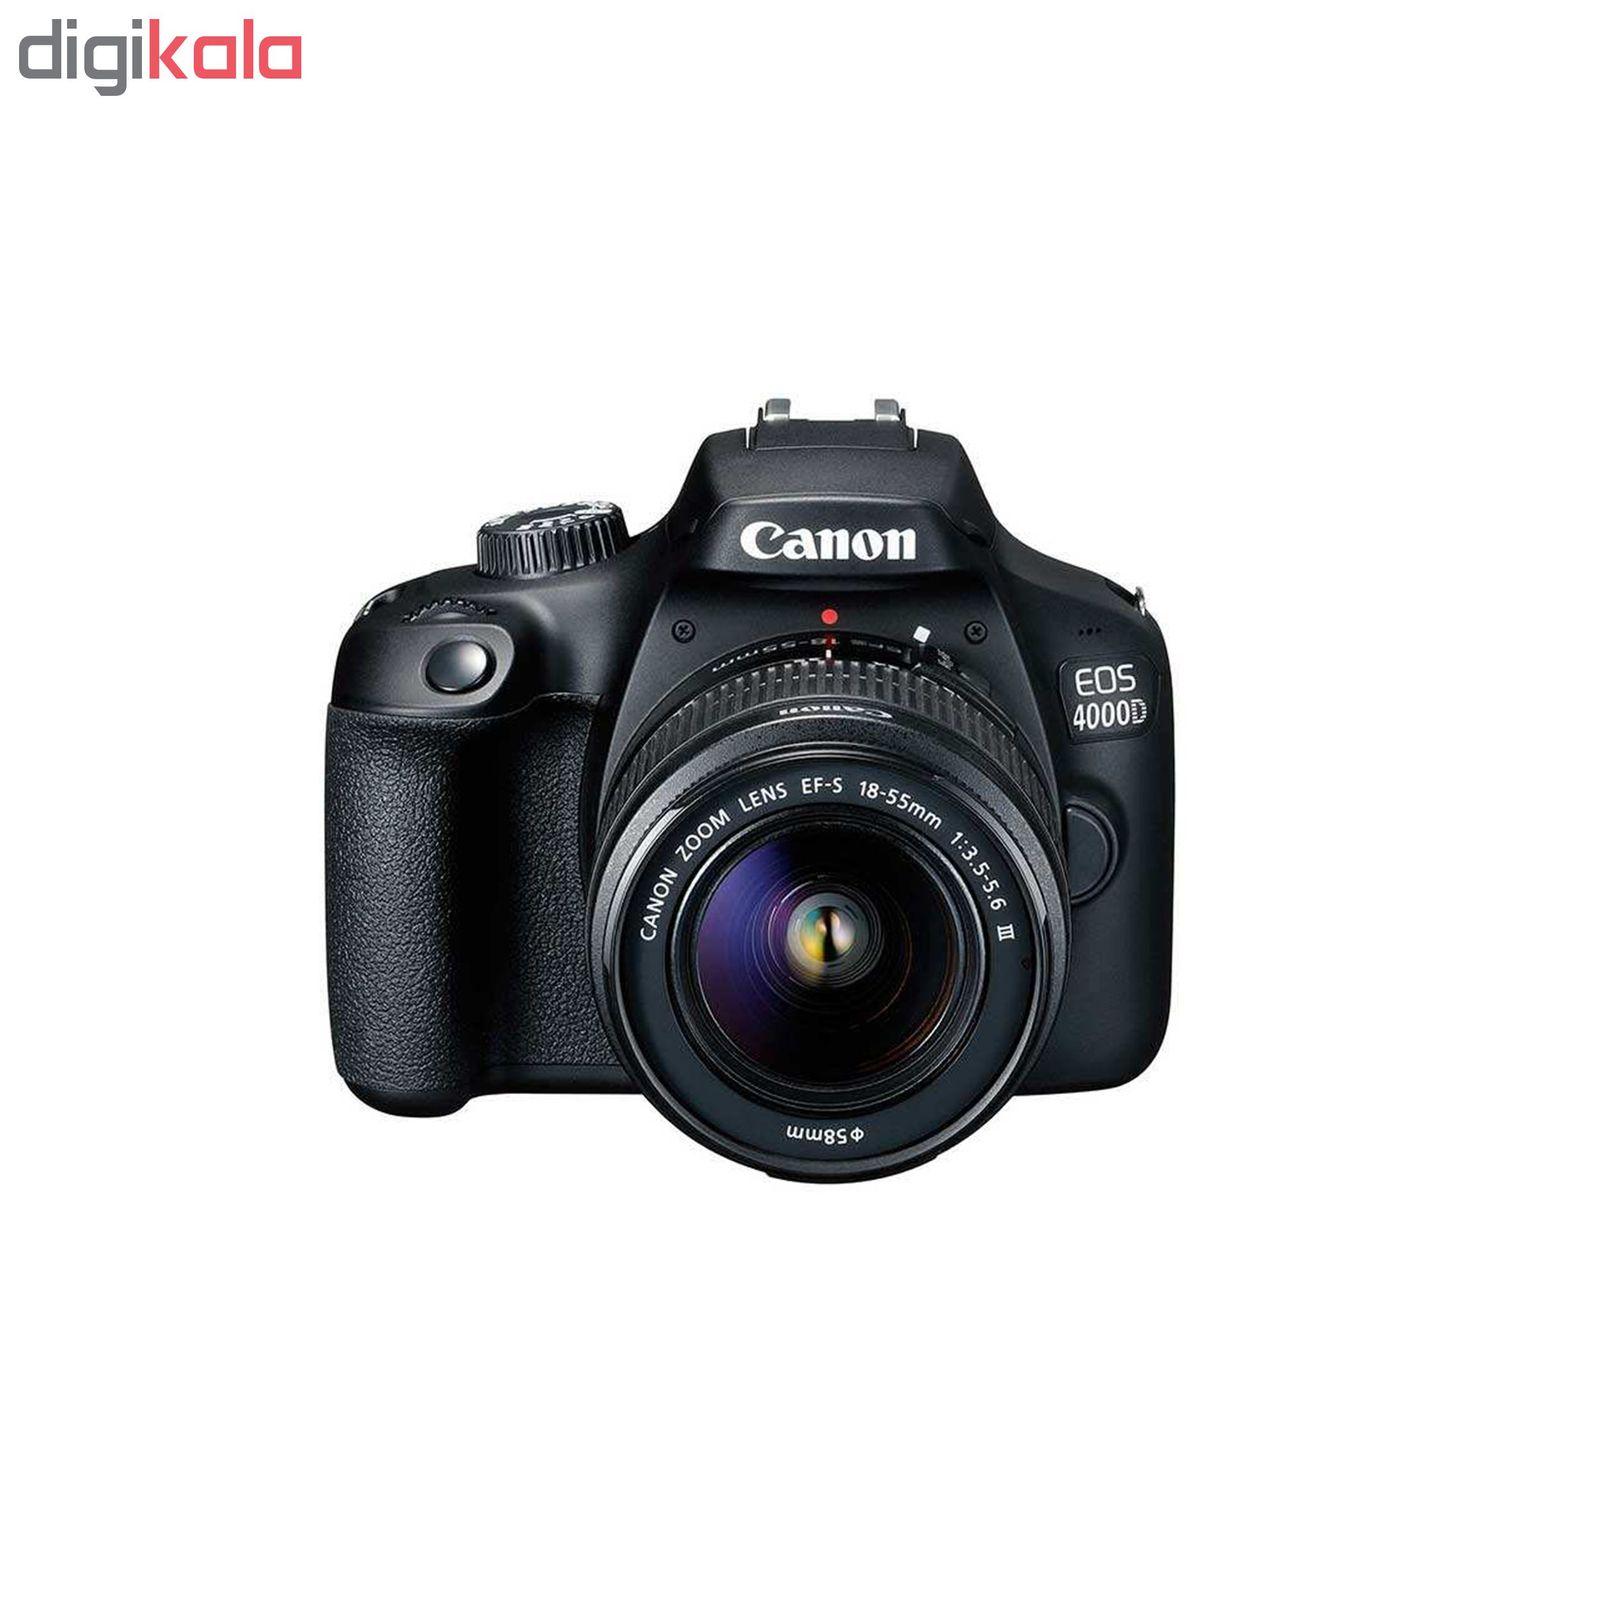 دوربین دیجیتال کانن مدل EOS 4000D به همراه لنز 18-55 میلی متر DC III و لوازم جانبی main 1 12